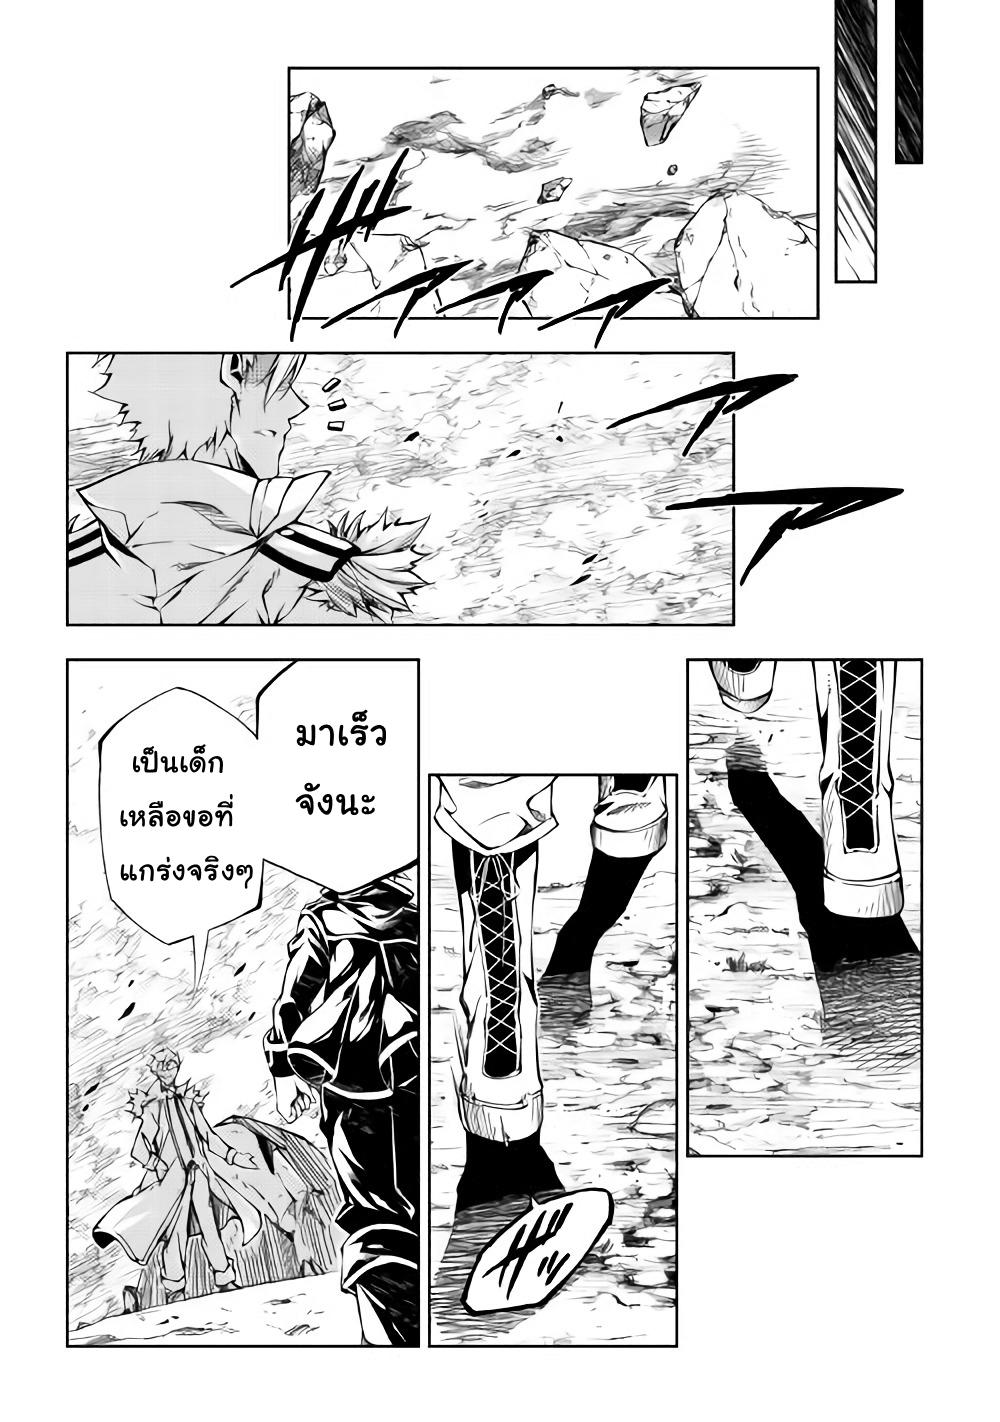 อ่านการ์ตูน Kouritsu Kuriya Madoushi, Dani no Jinsei de Madou o Kiwameru ตอนที่ 29 กระสุนเวทย์มนตร์ที่ชั่วร้าย หน้า 21